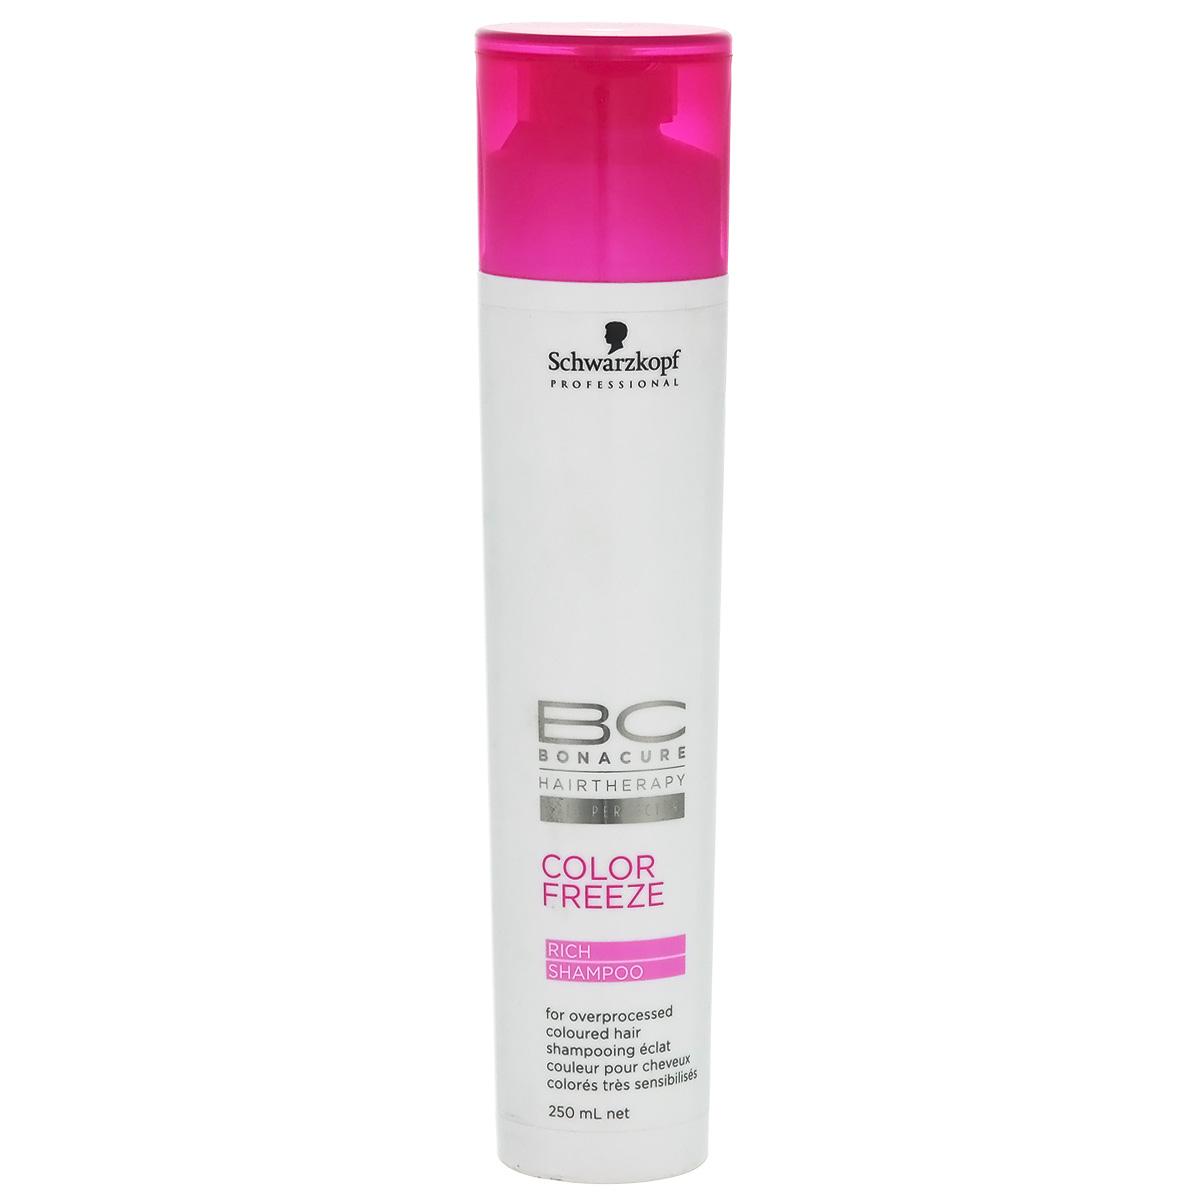 Bonacure Шампунь для волос Сияние Цвета Color Freeze Rich Shampoo 250 мл2065775Обогащенный шампунь, деликатно и эффективно очищает окрашенные волосы и кожу головы. Укрепляет структуру волос и удерживает оптимальный уровень pH 4.5, запечатывает окрашенные волосы и сводит к нулю потерю цвета. Для окрашенных волос. Для достижения максимального результата рекомендуется использовать в комплексе с продуктами ухода линии BC Color Freeze.